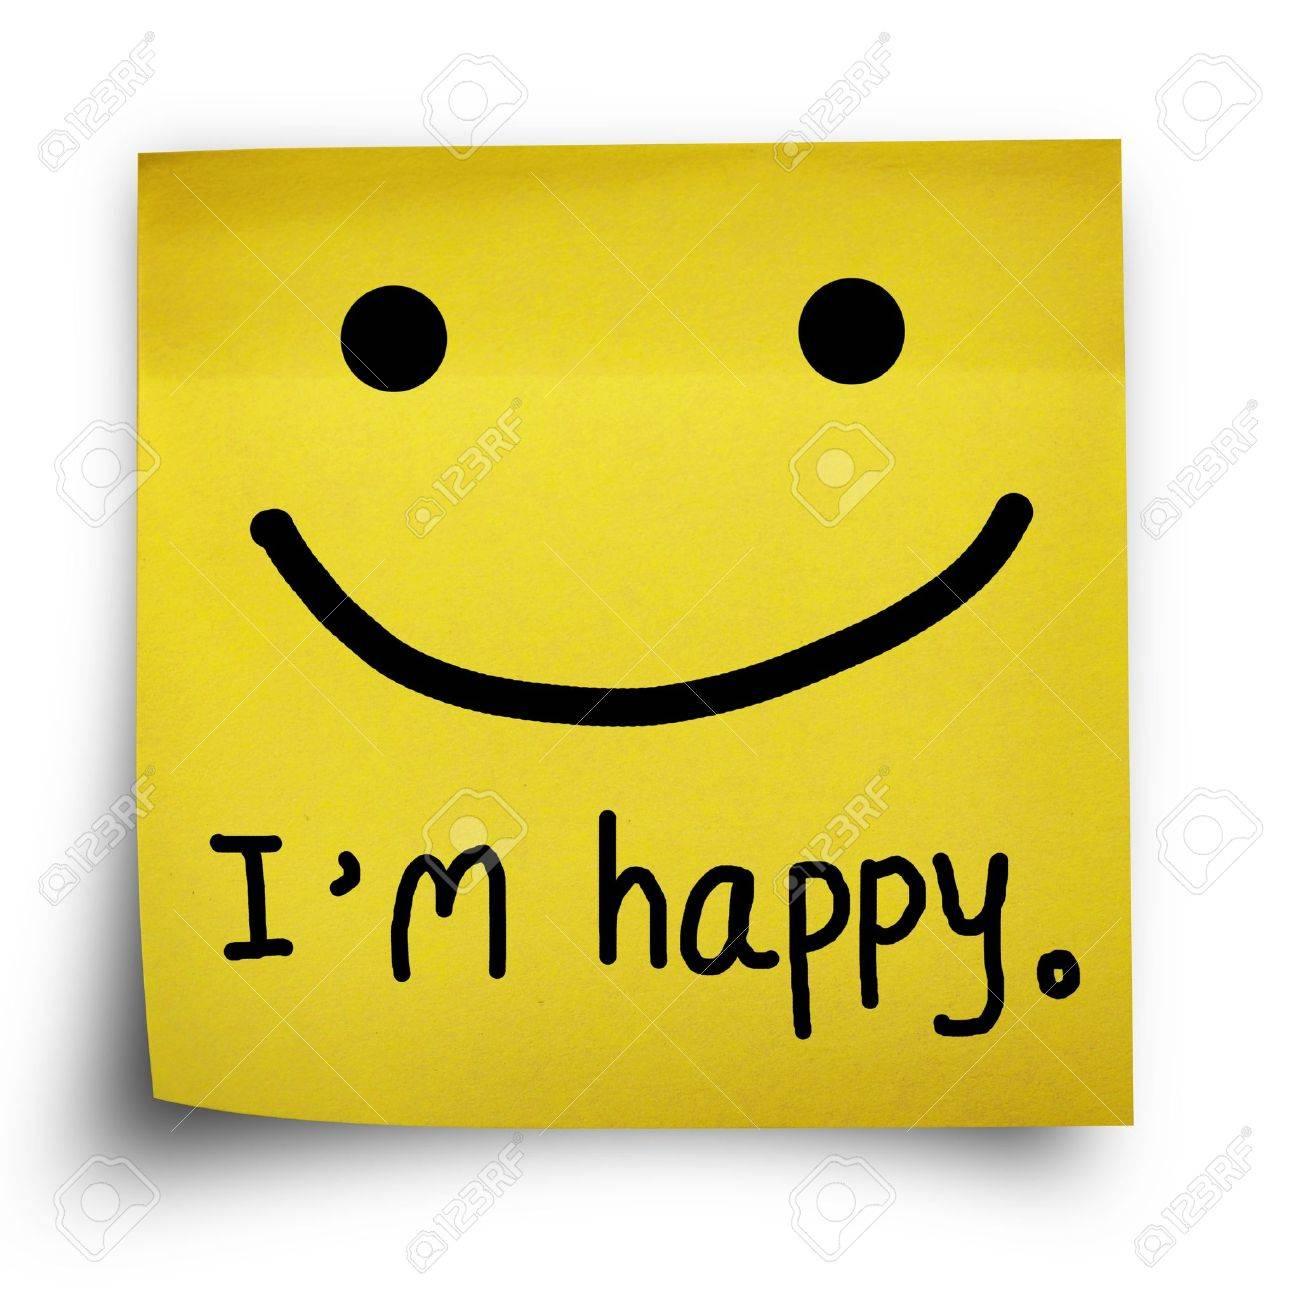 Ich Bin Glücklich Hinweis Auf Gelben Aufkleber Papier Hinweis